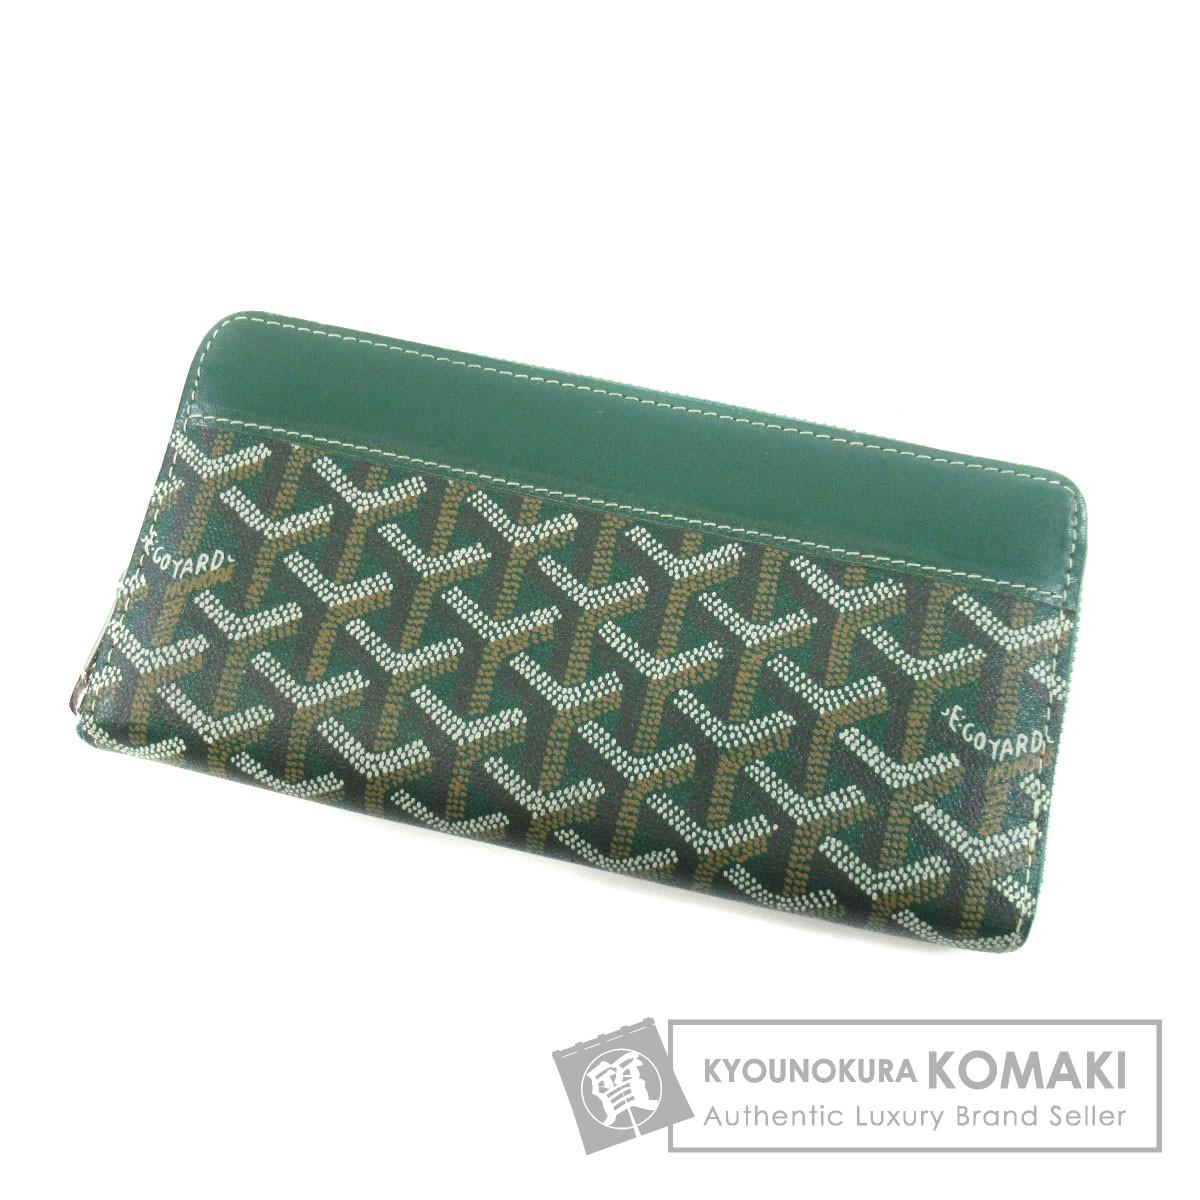 GOYARD ラウンドファスナー 長財布(小銭入れあり) PVC レディース 【中古】【ゴヤール】